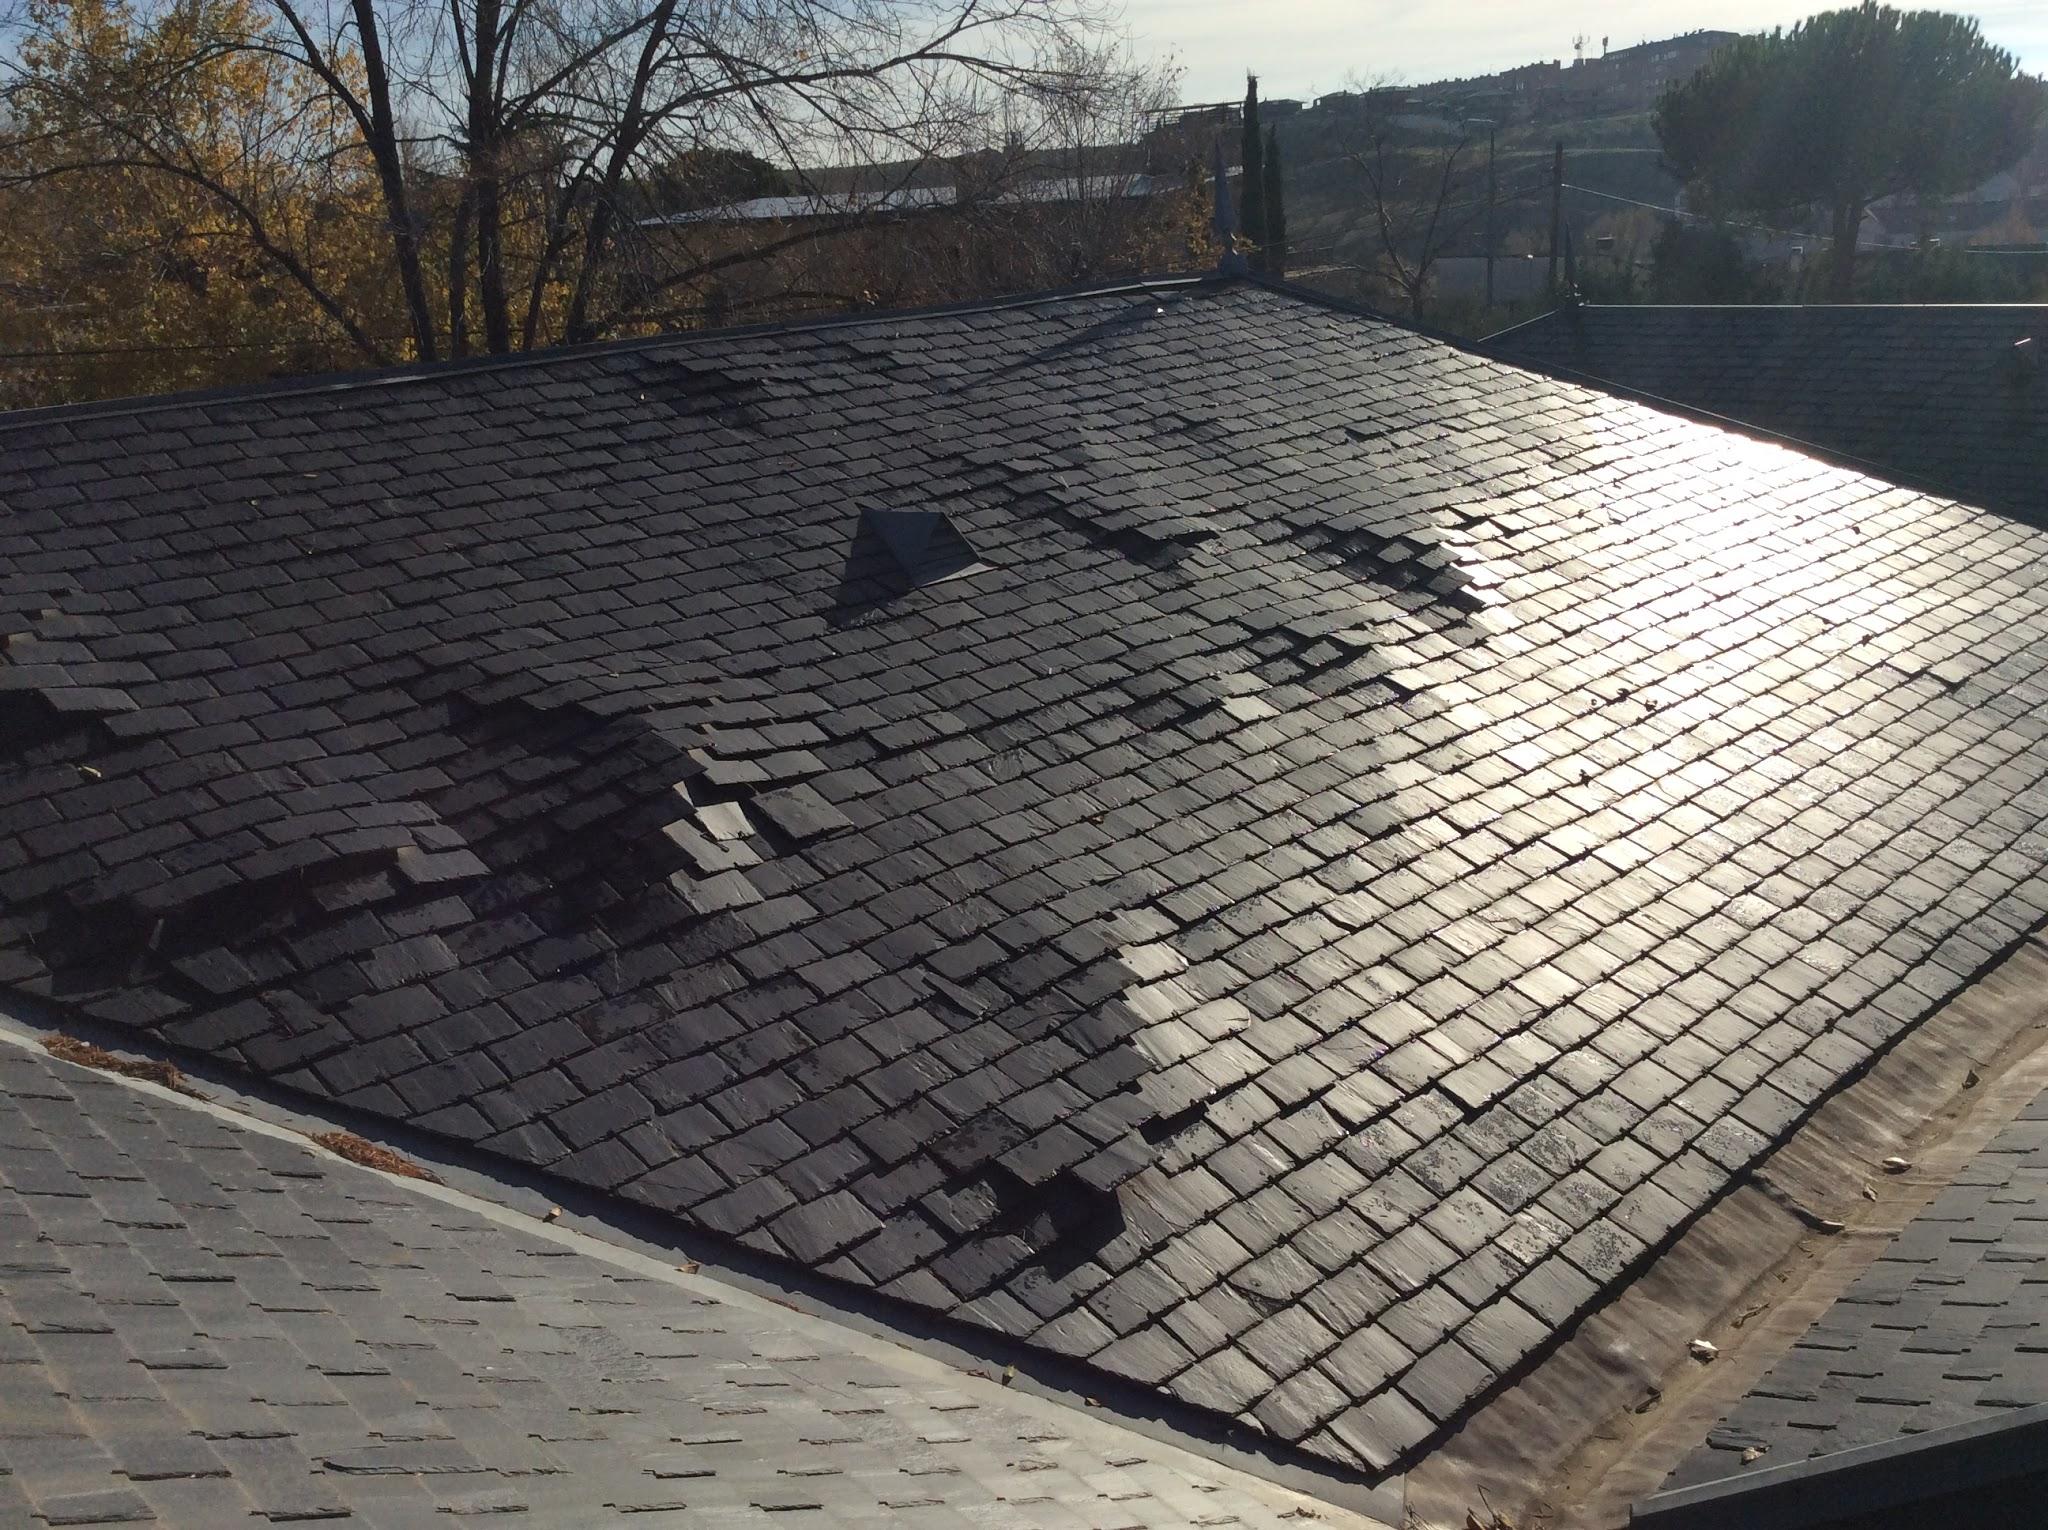 Reparaci n de tejados de pizarra madrid arreglo de - Materiales para tejados ...